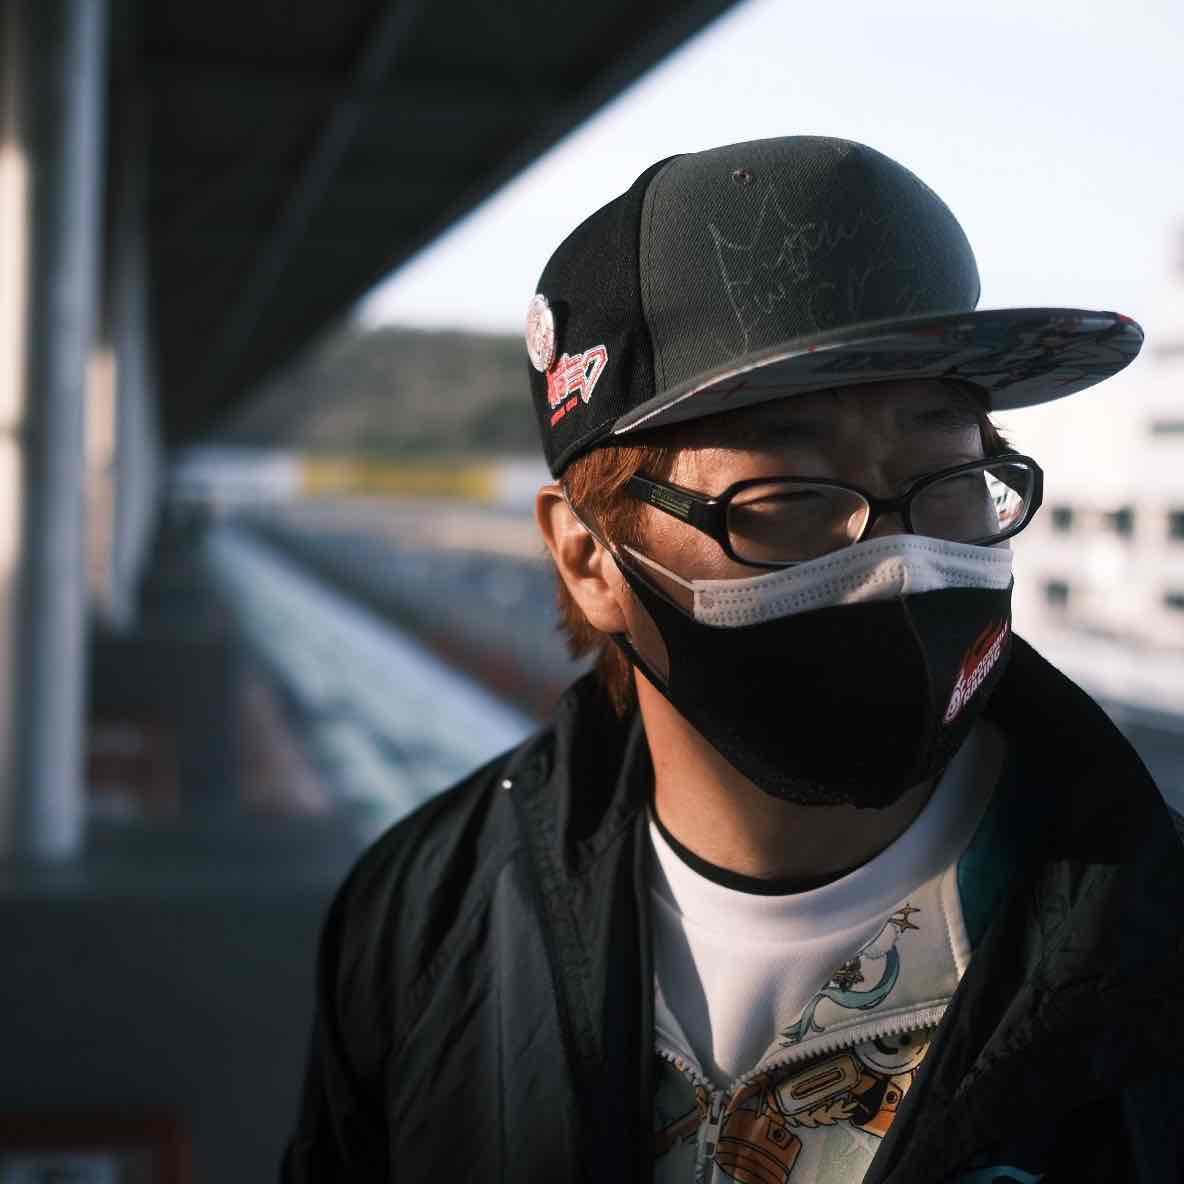 Matsumoのプロフィール画像